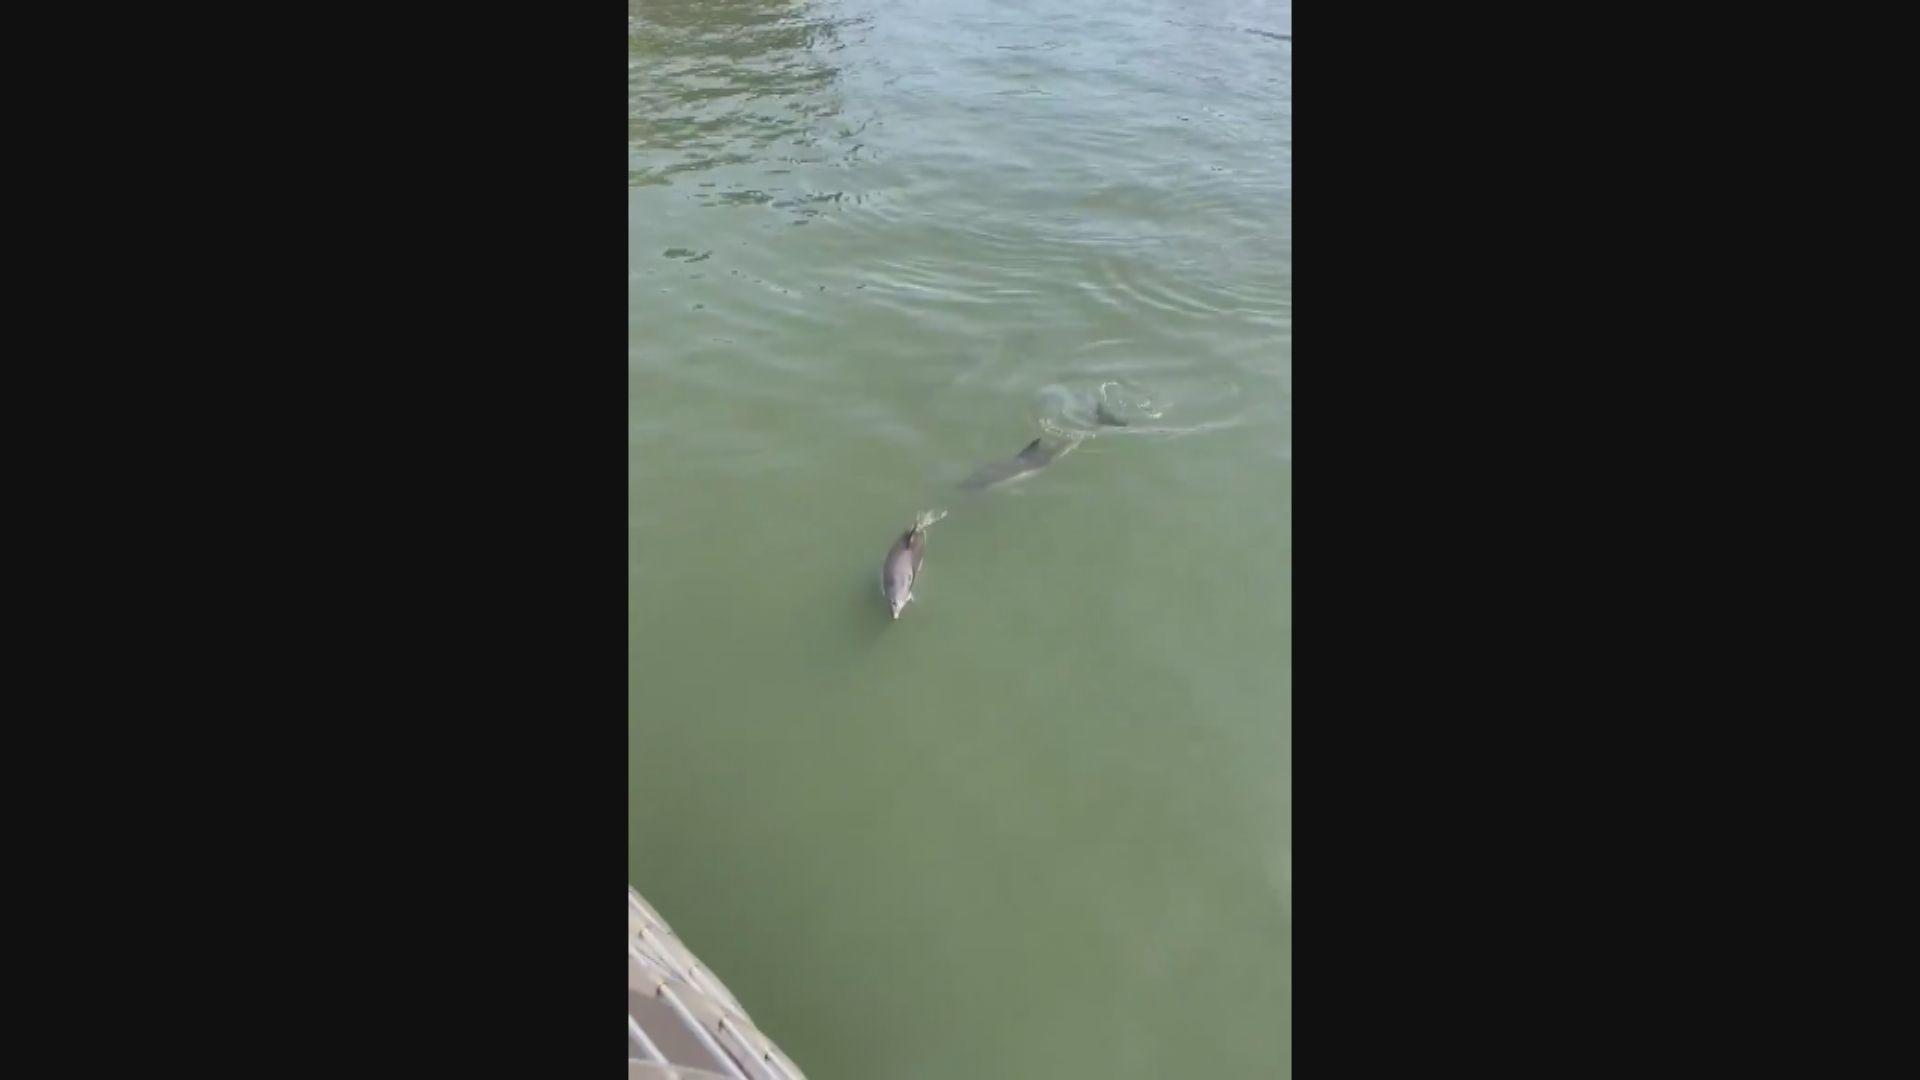 【環球薈報】紐約東河河水質改善 海豚再次出現